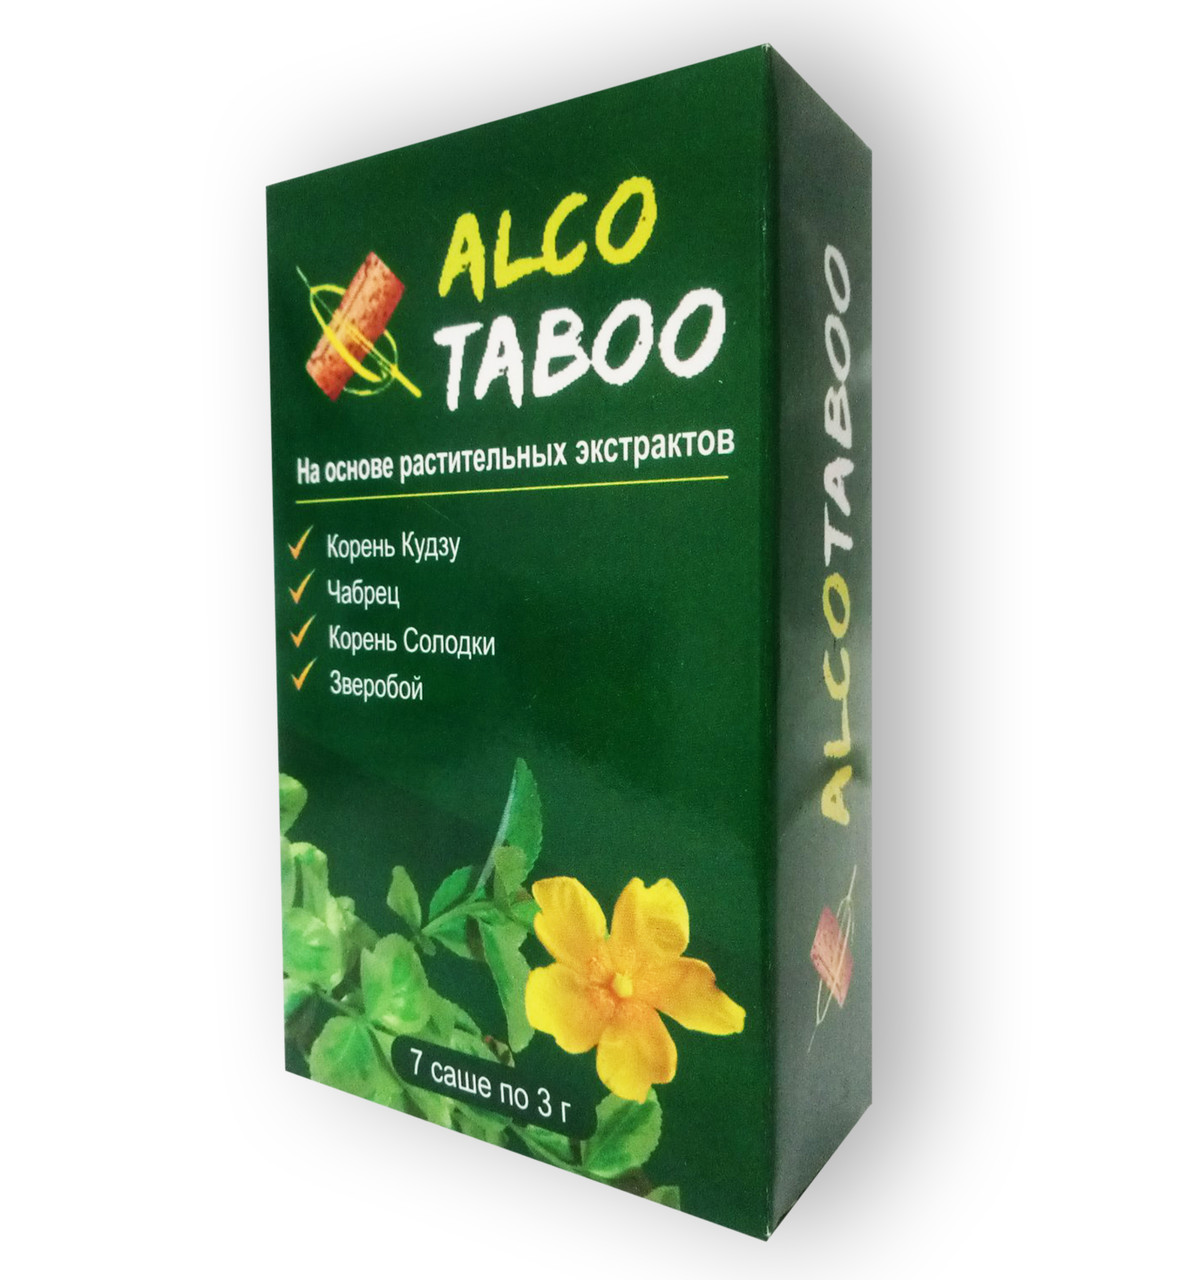 Alco Taboo - Концентрат сухой от алкоголизма (Алко Табу) бросить пить